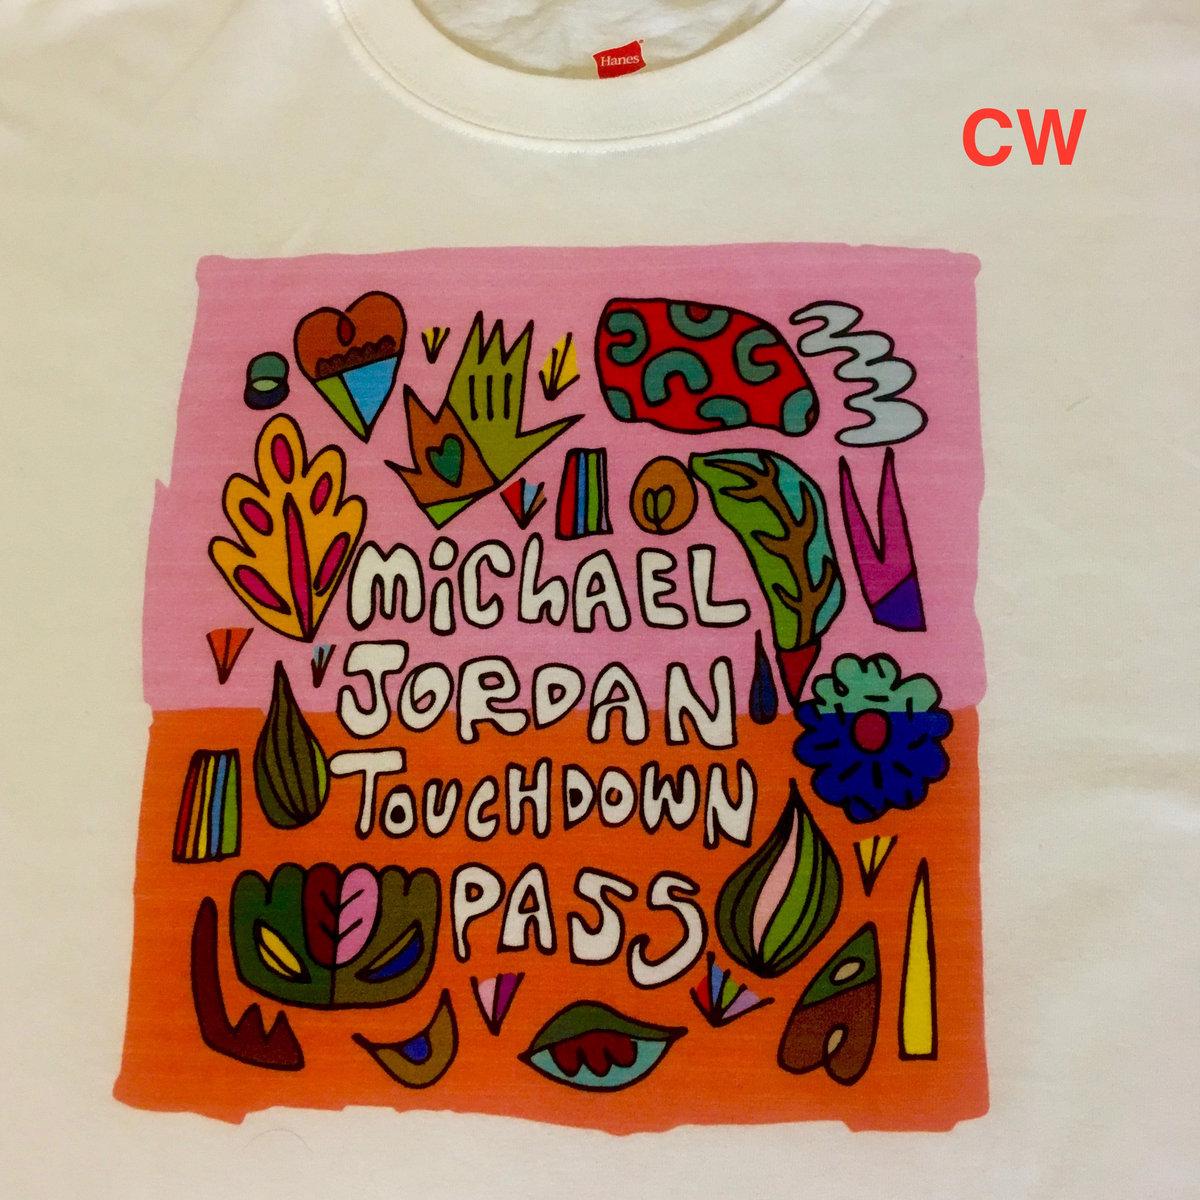 c7587cc103c5a7  beautifulhoodcrumb design. from Michael Jordan Touchdown Pass. T-Shirt  Apparel